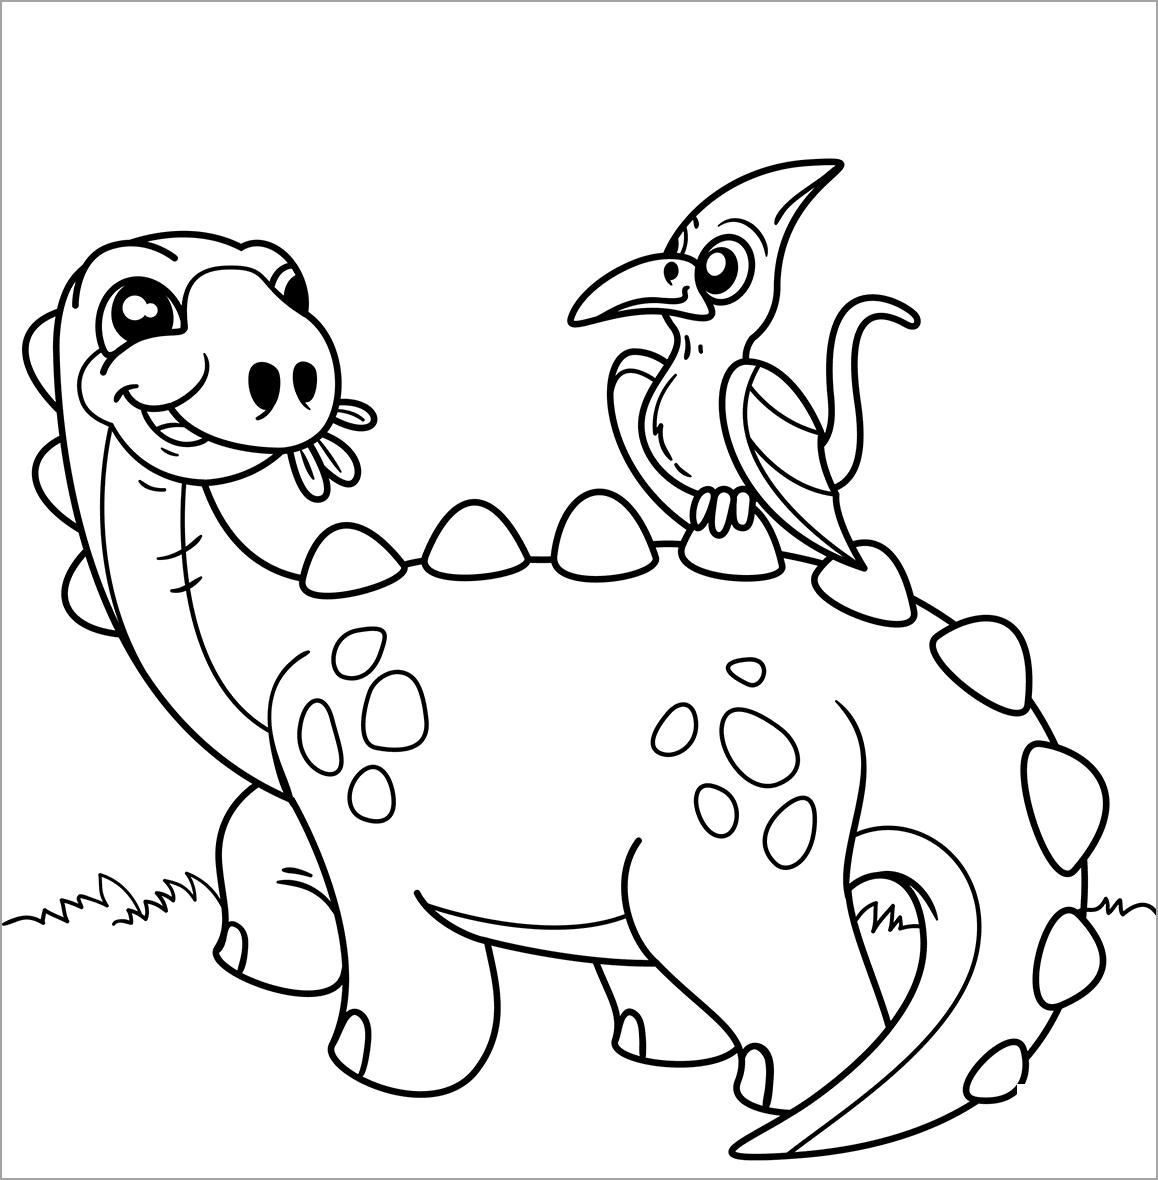 Hình tập tô khủng long dễ thương